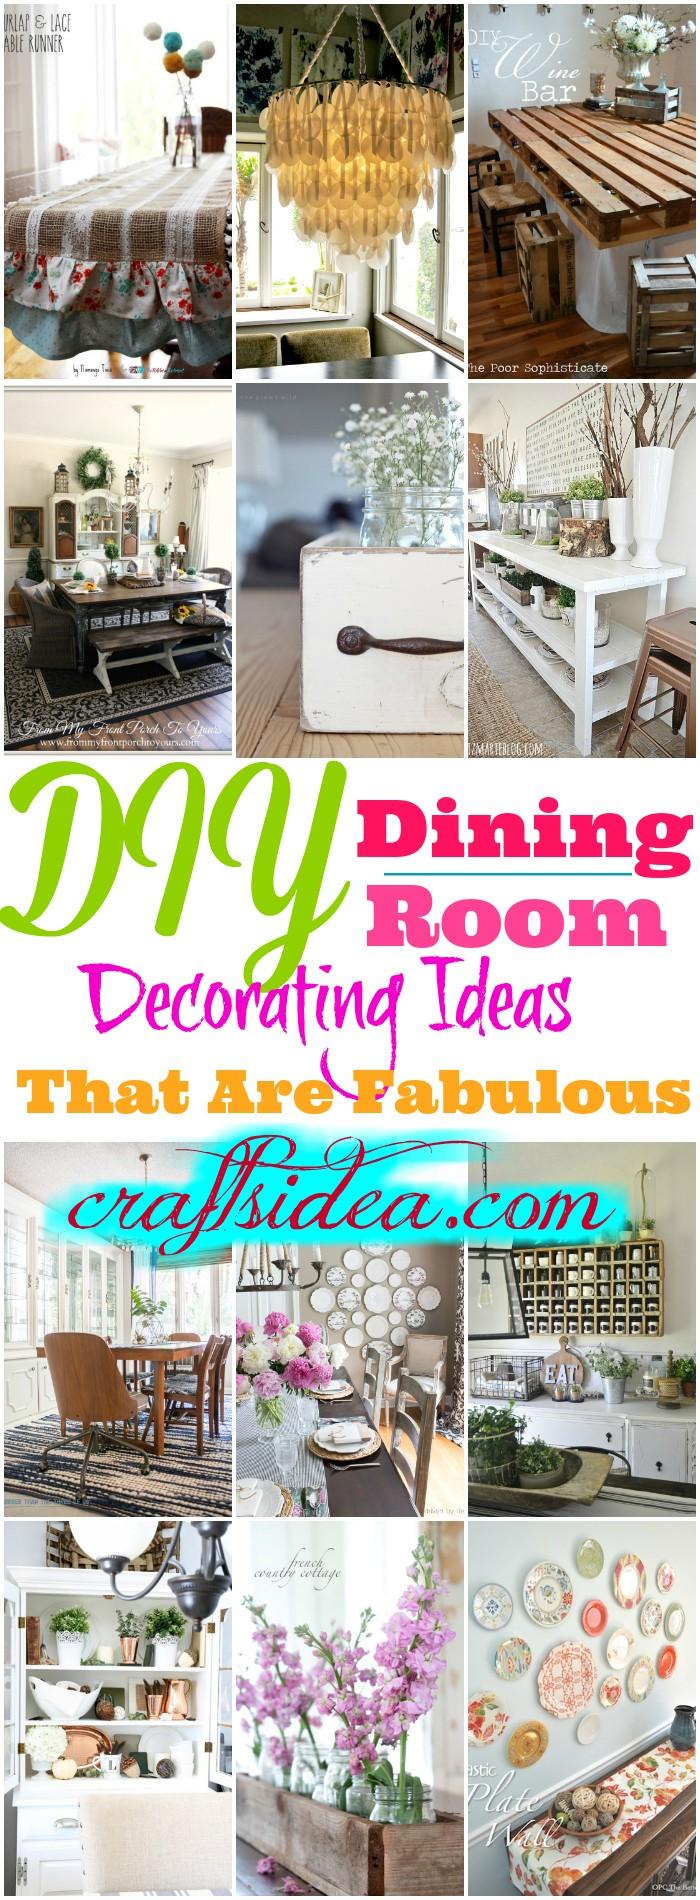 DIY Dining Room